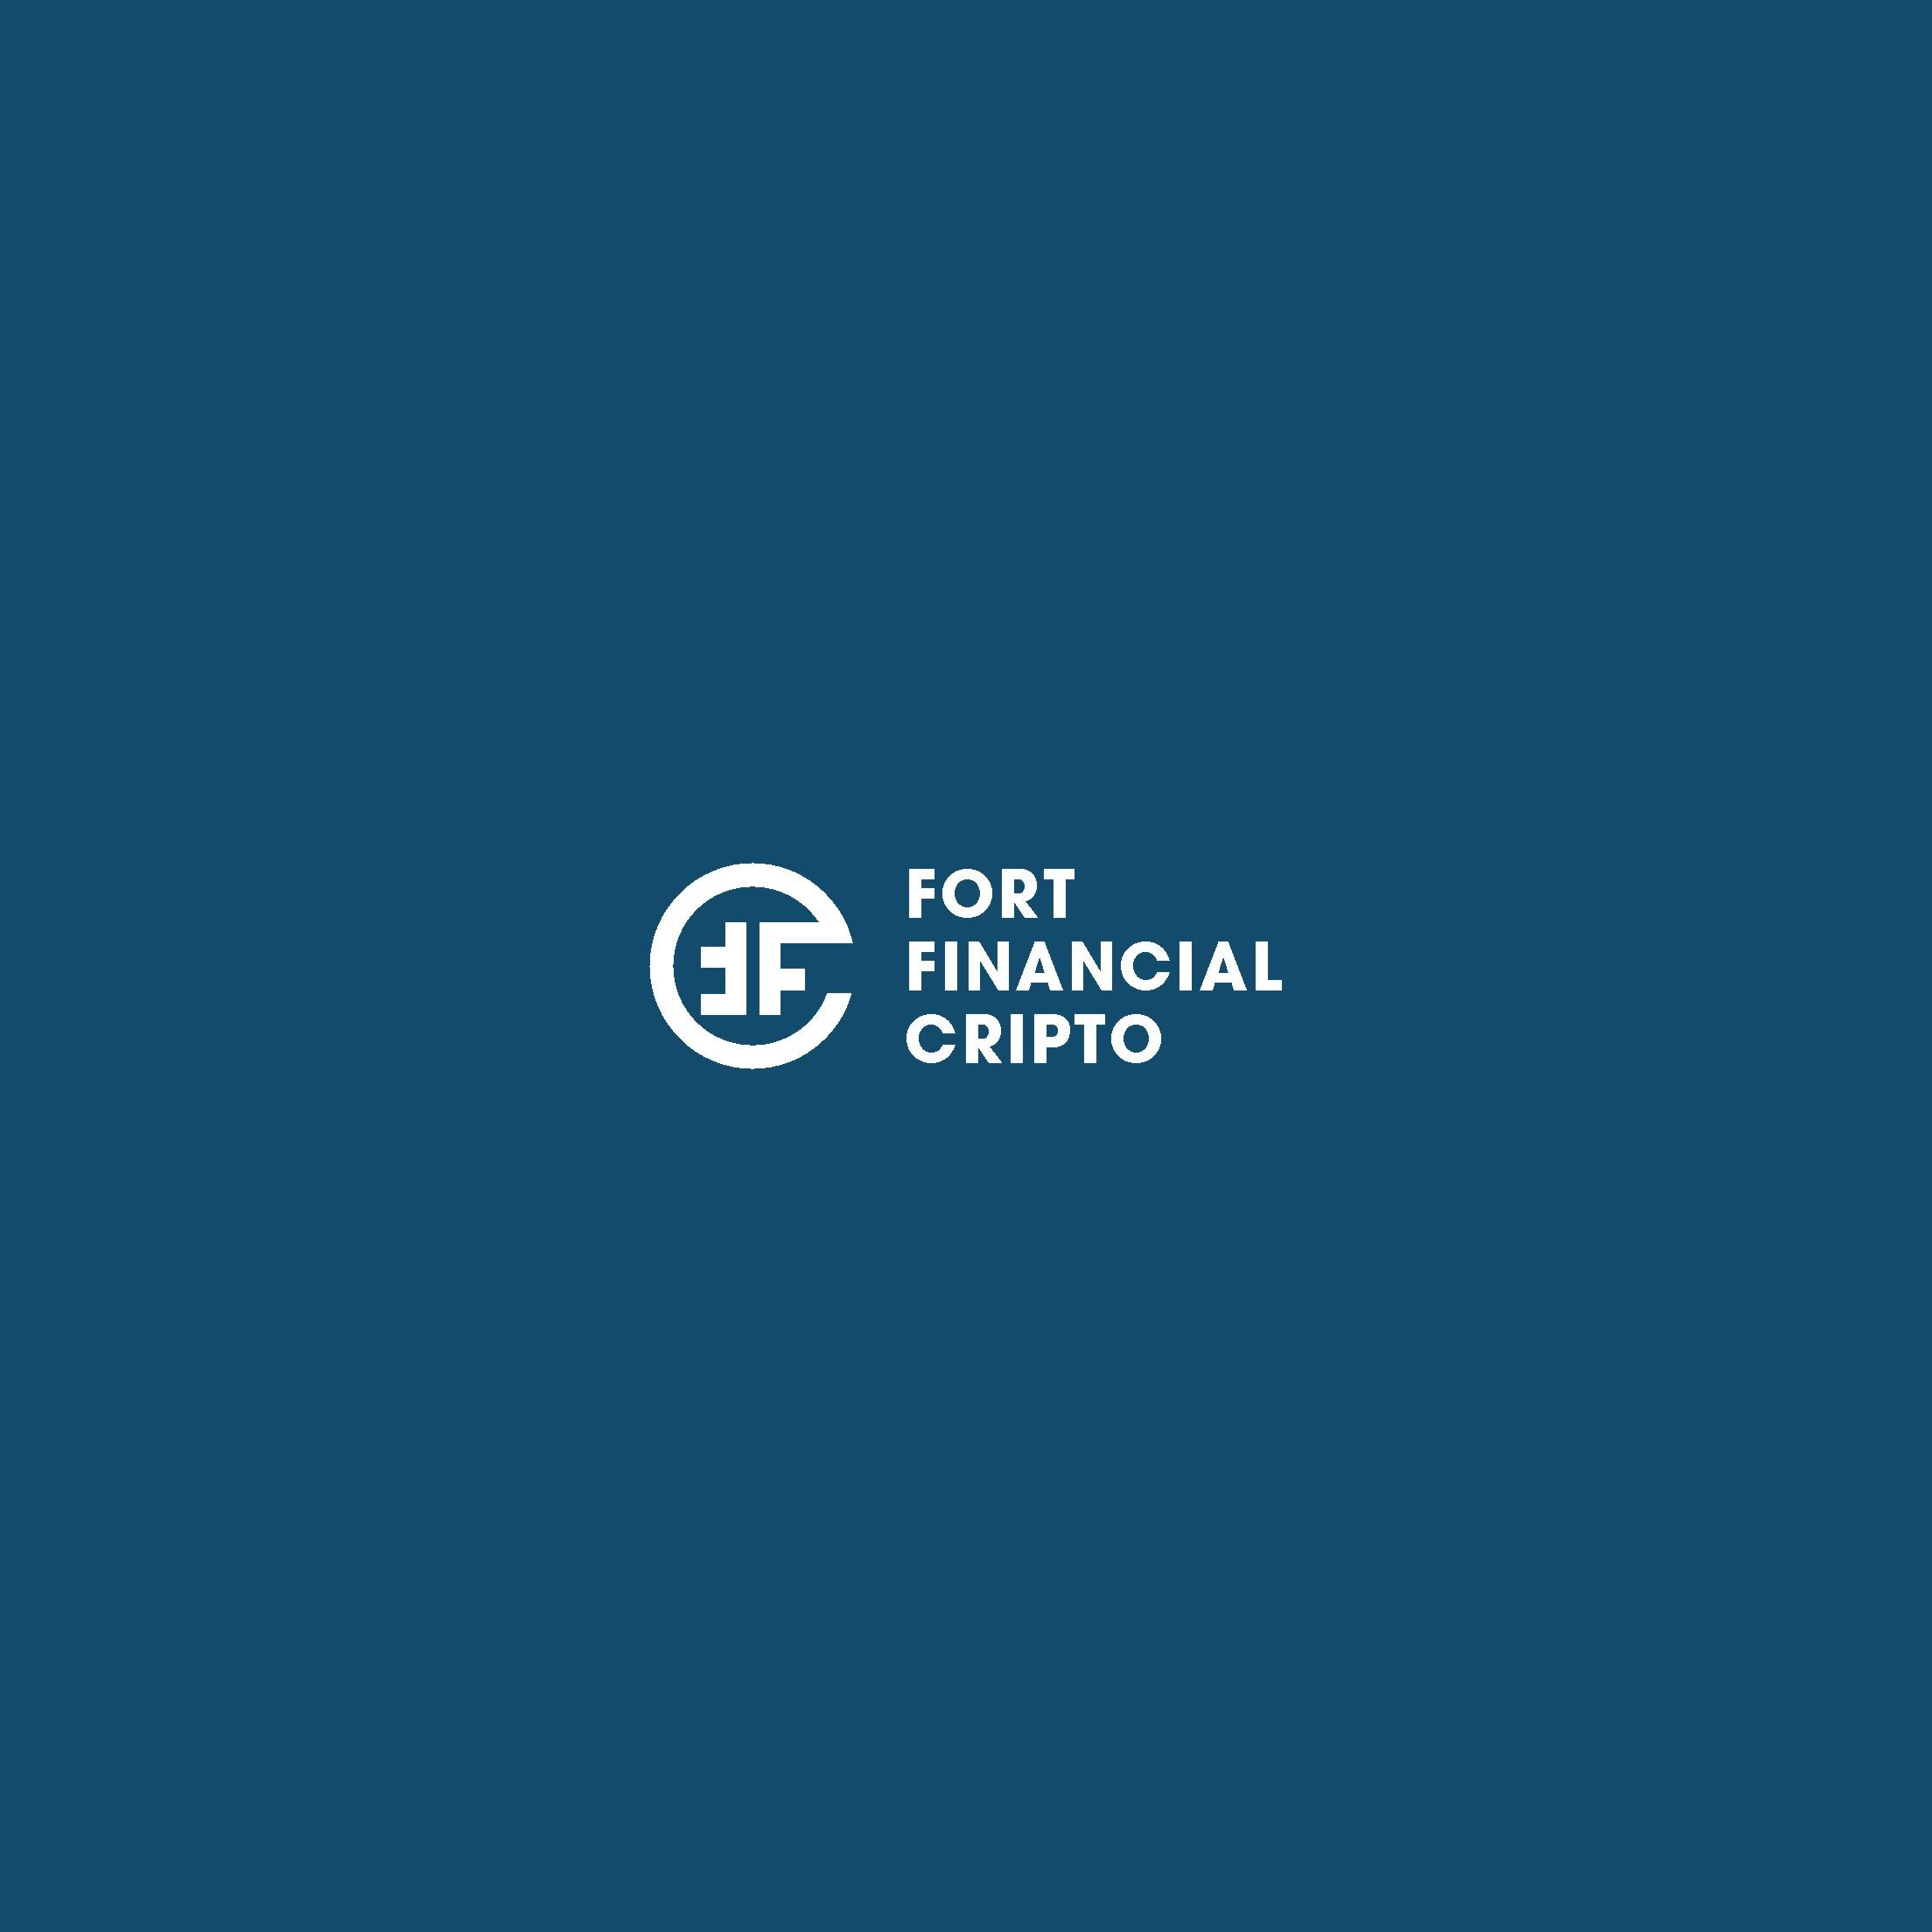 Разработка логотипа финансовой компании фото f_8485a8af334c8207.jpg